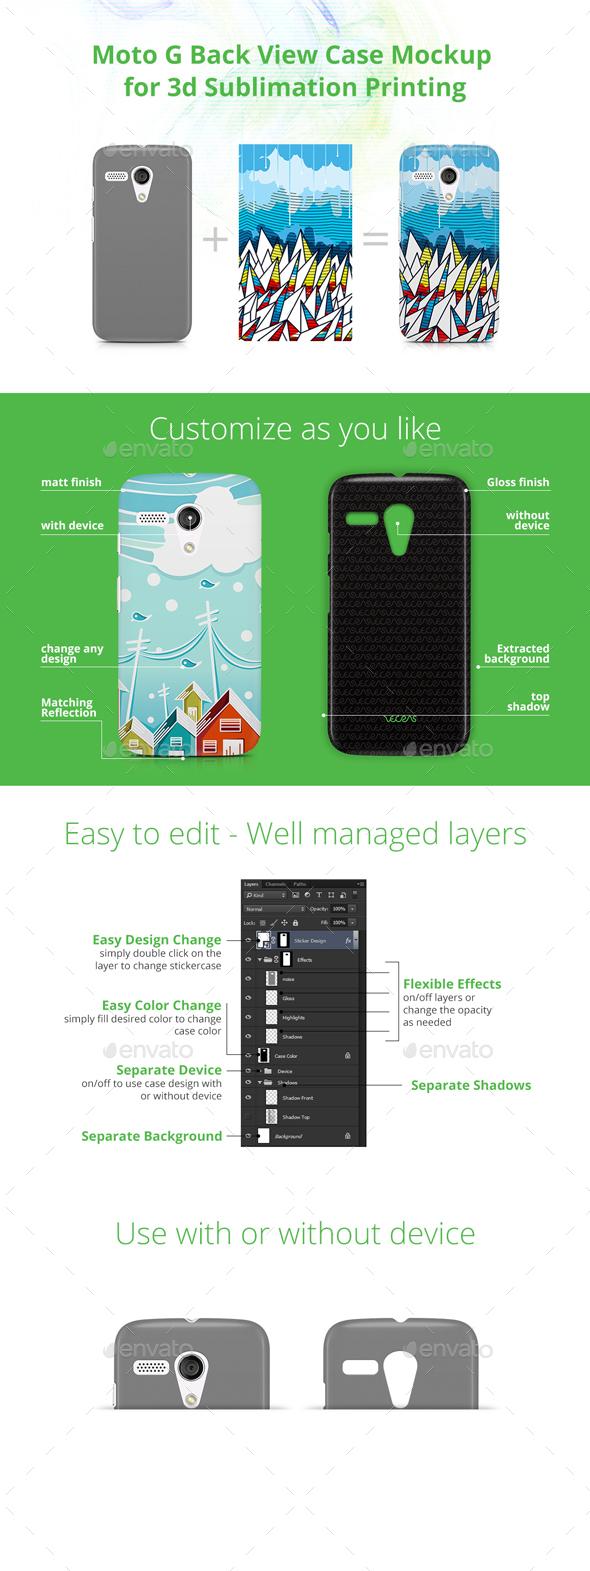 Moto G Case Design Mockup for 3d Sublimation Printing - Back View